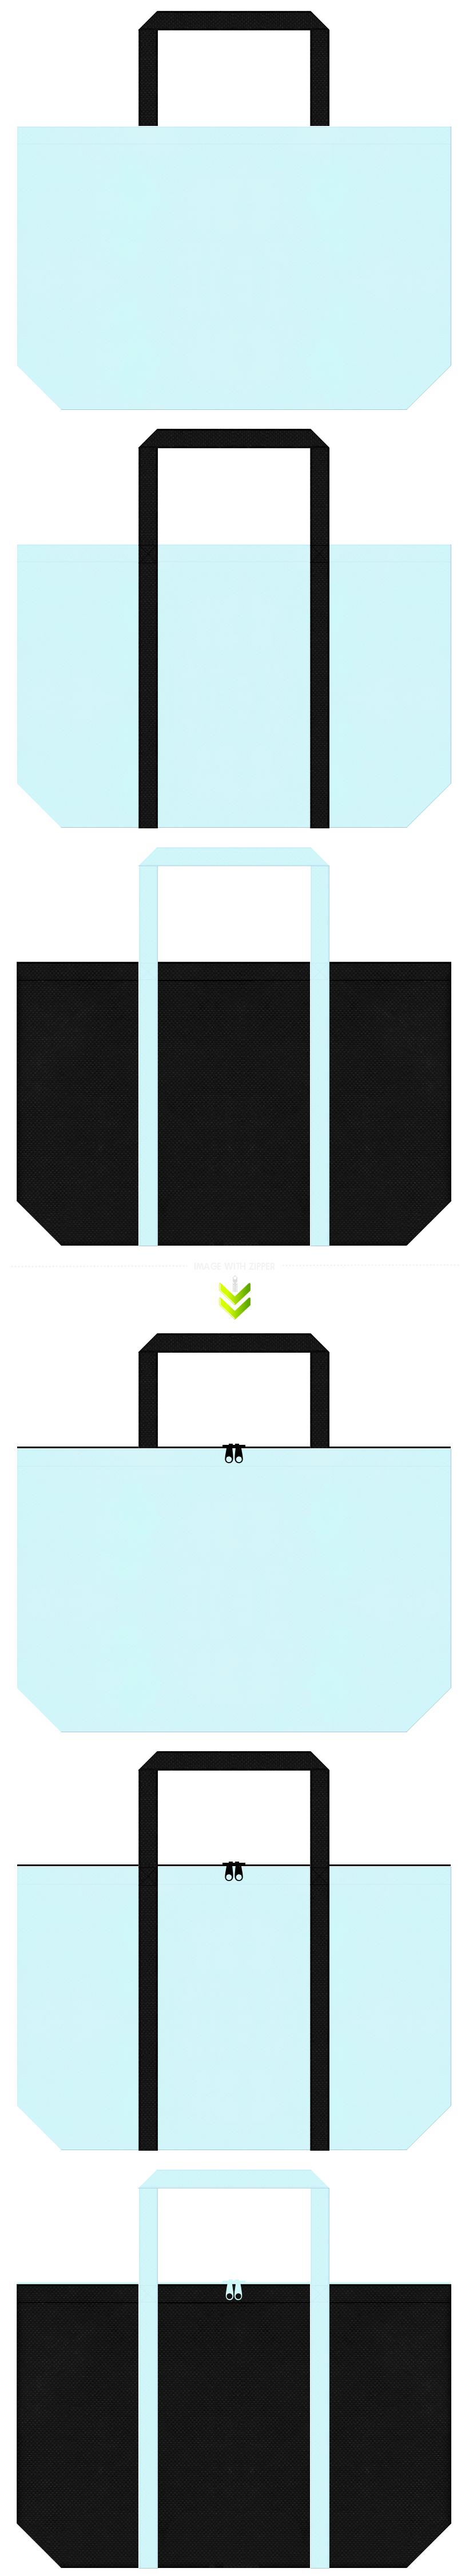 理容・メンズ整髪料・ヘアサロン・クリーニング・ランドリーバッグにお奨めの不織布バッグデザイン:水色と黒色のコーデ